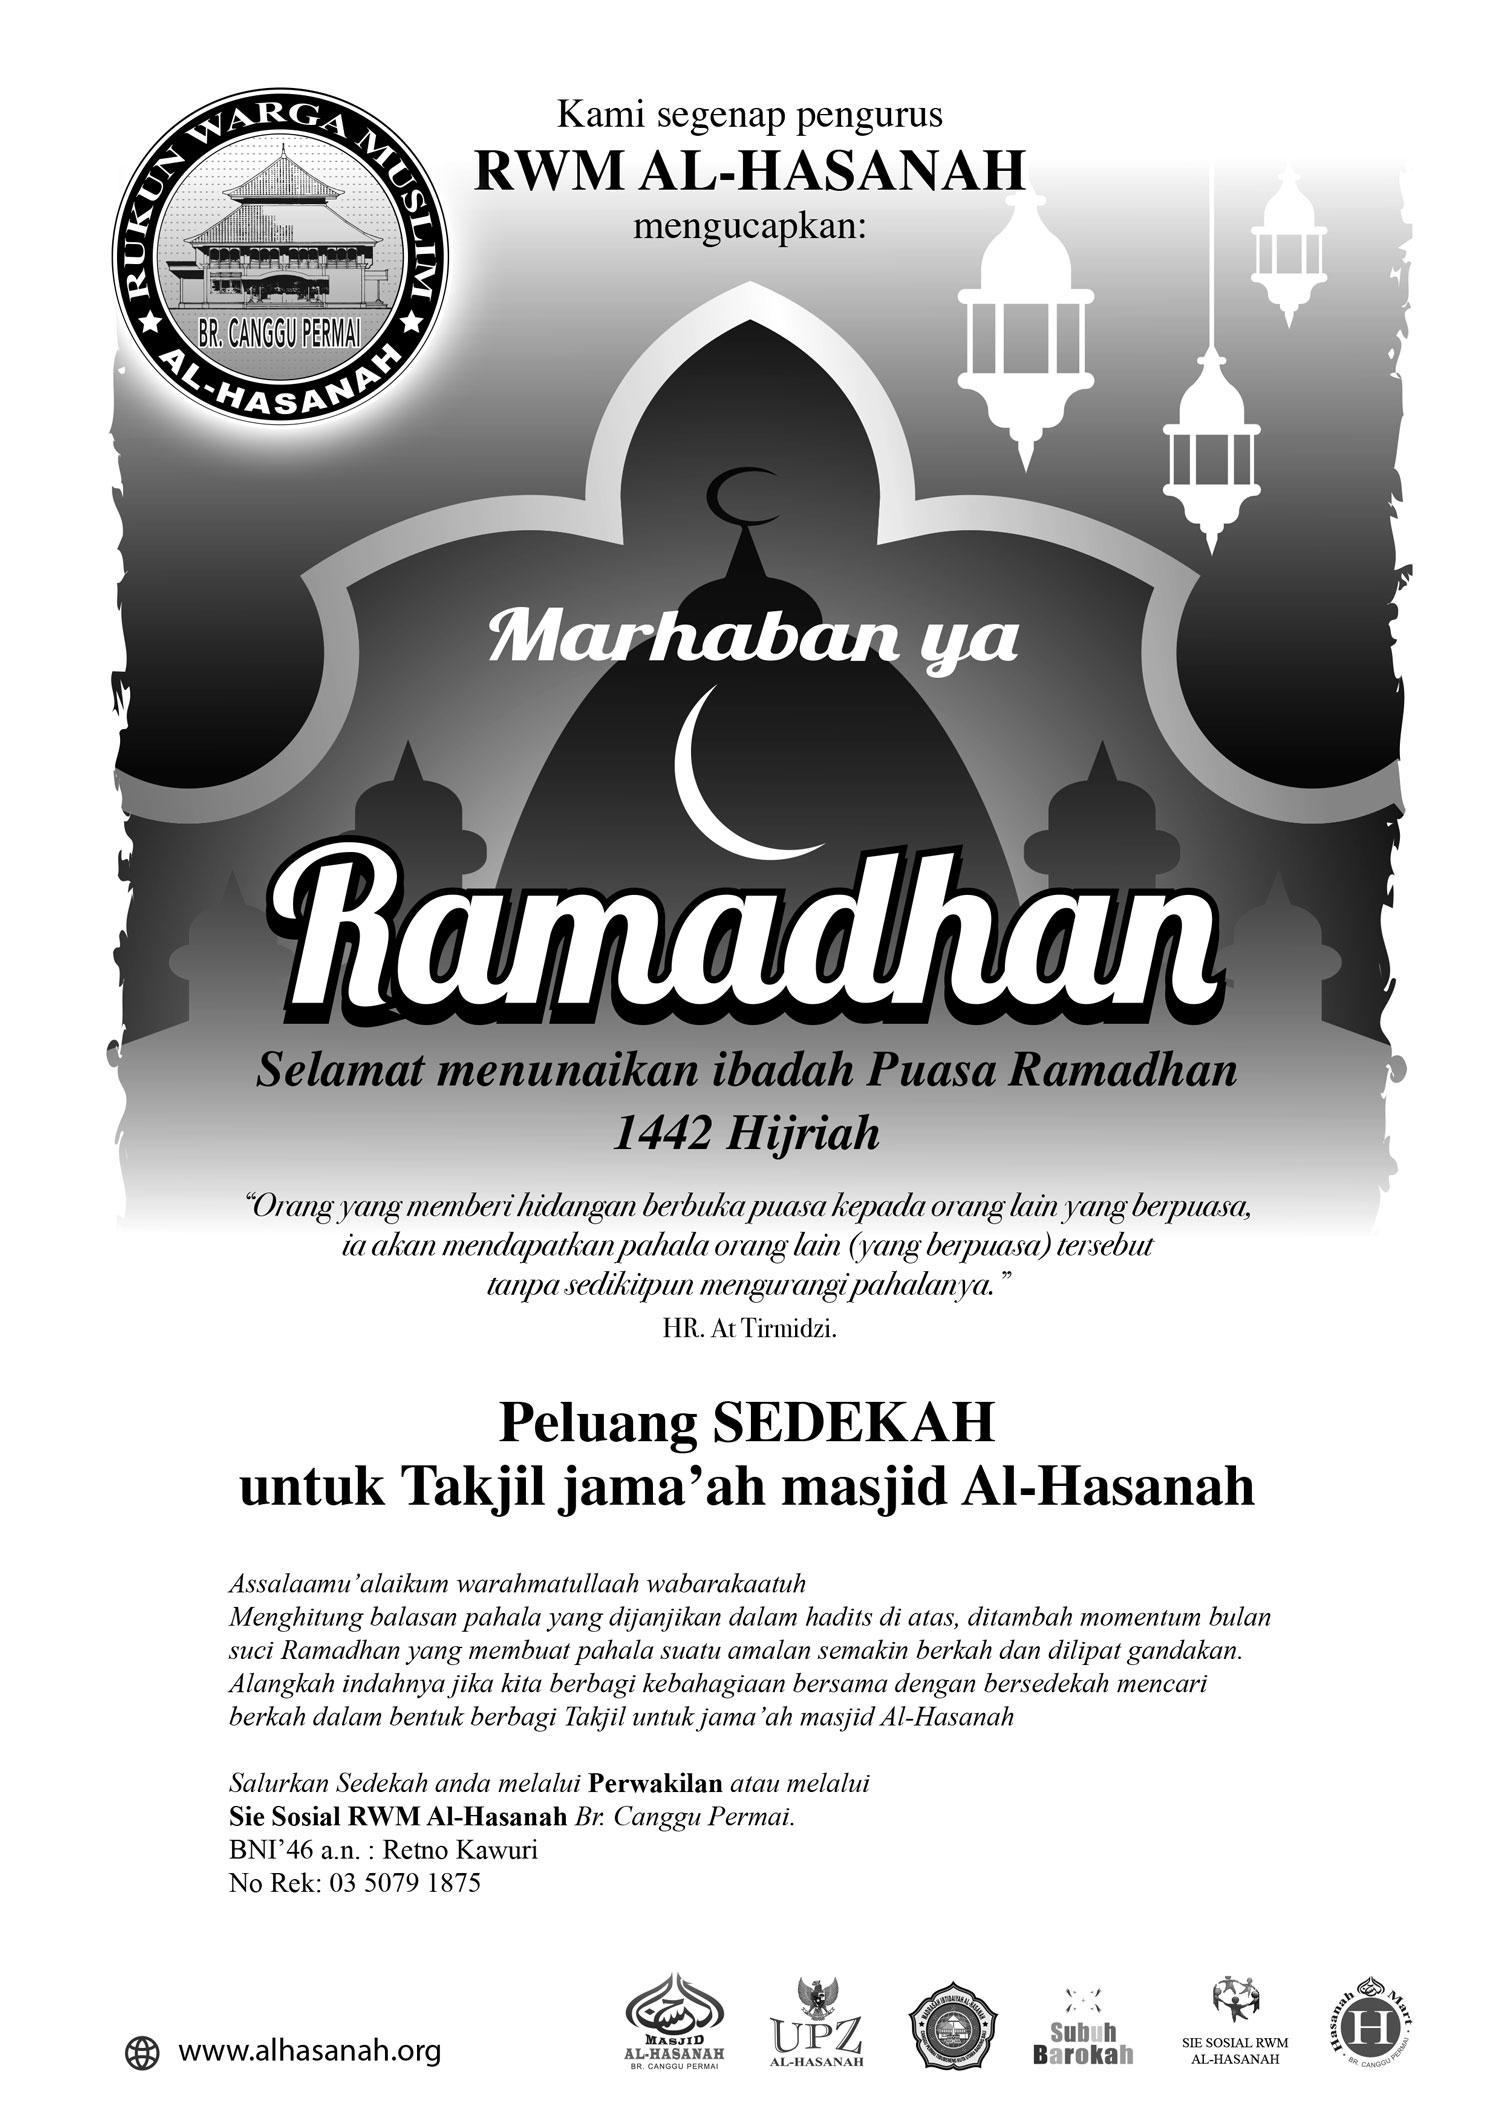 Takjil Jama'ah Masjid Al-Hasanah